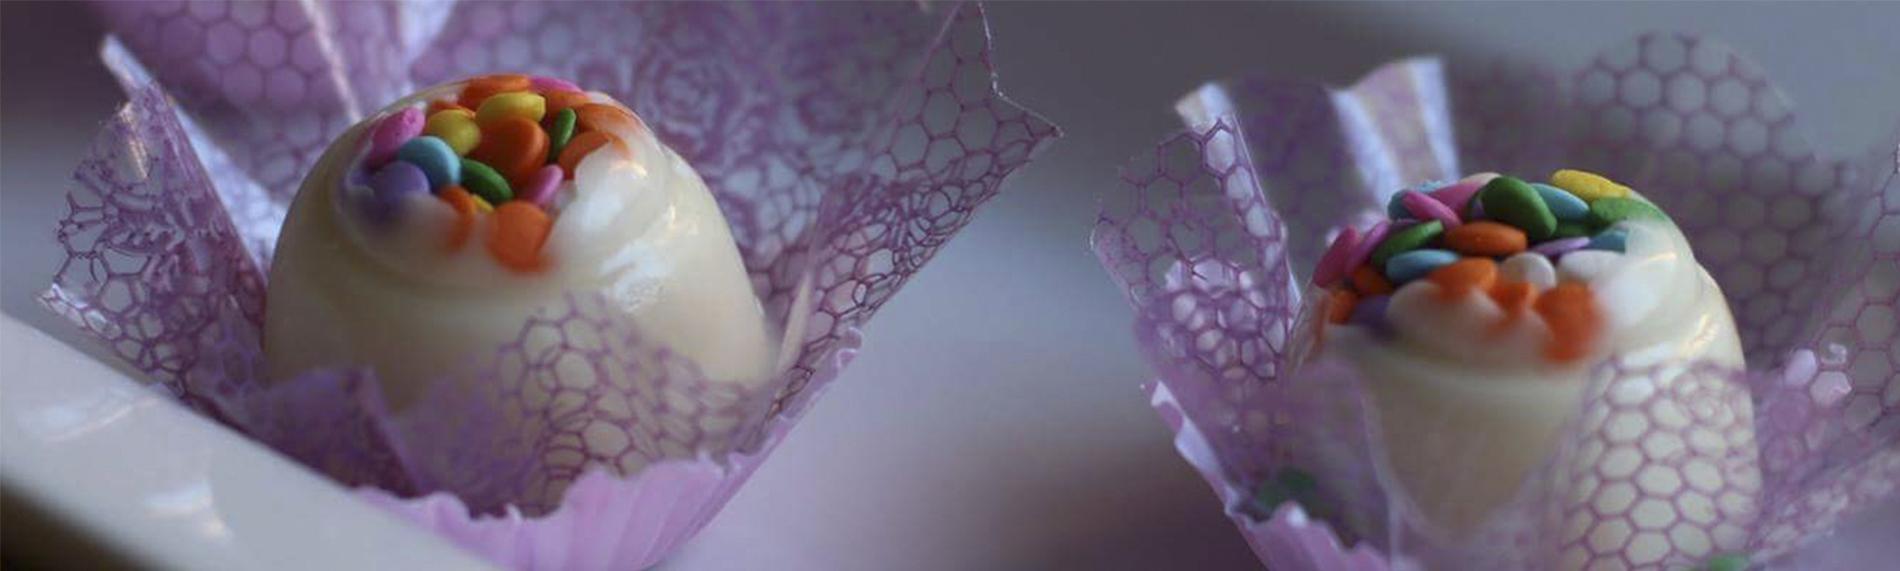 painel docinhos e salgadinhos coxinha florida sao paulo